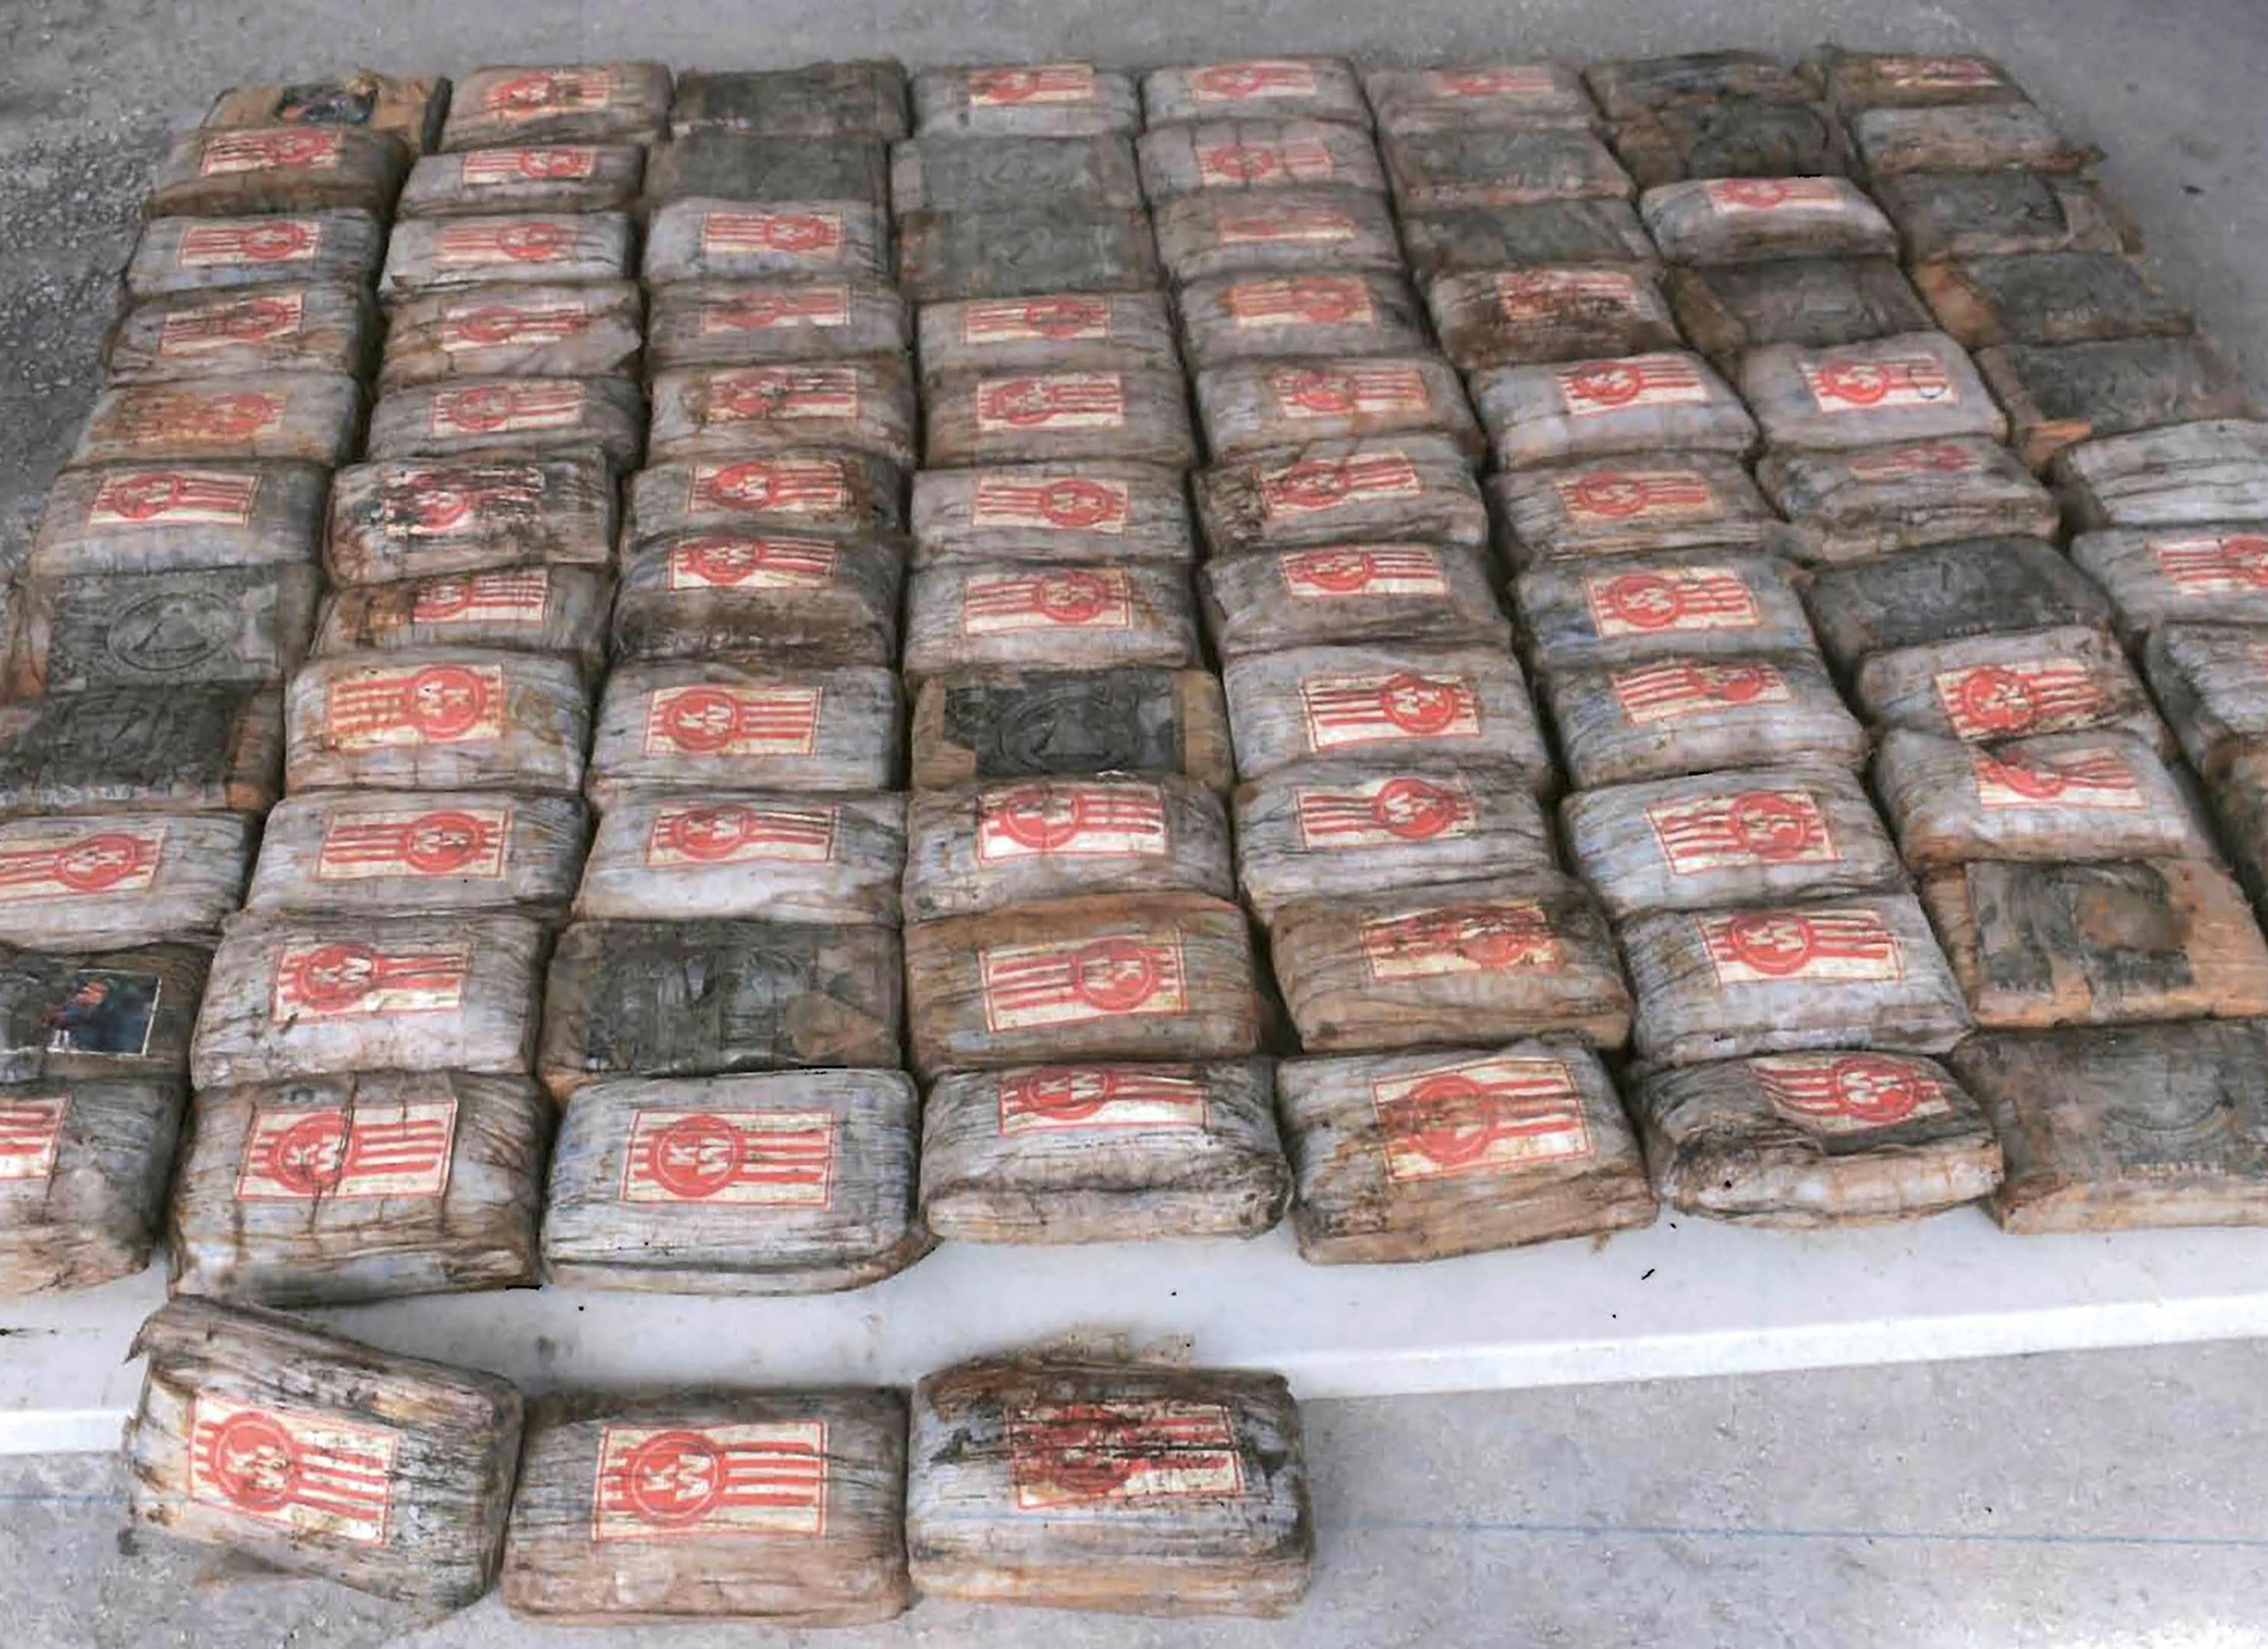 Kokainnal teli szellemhajó sodródott partra a Marshall-szigeteken